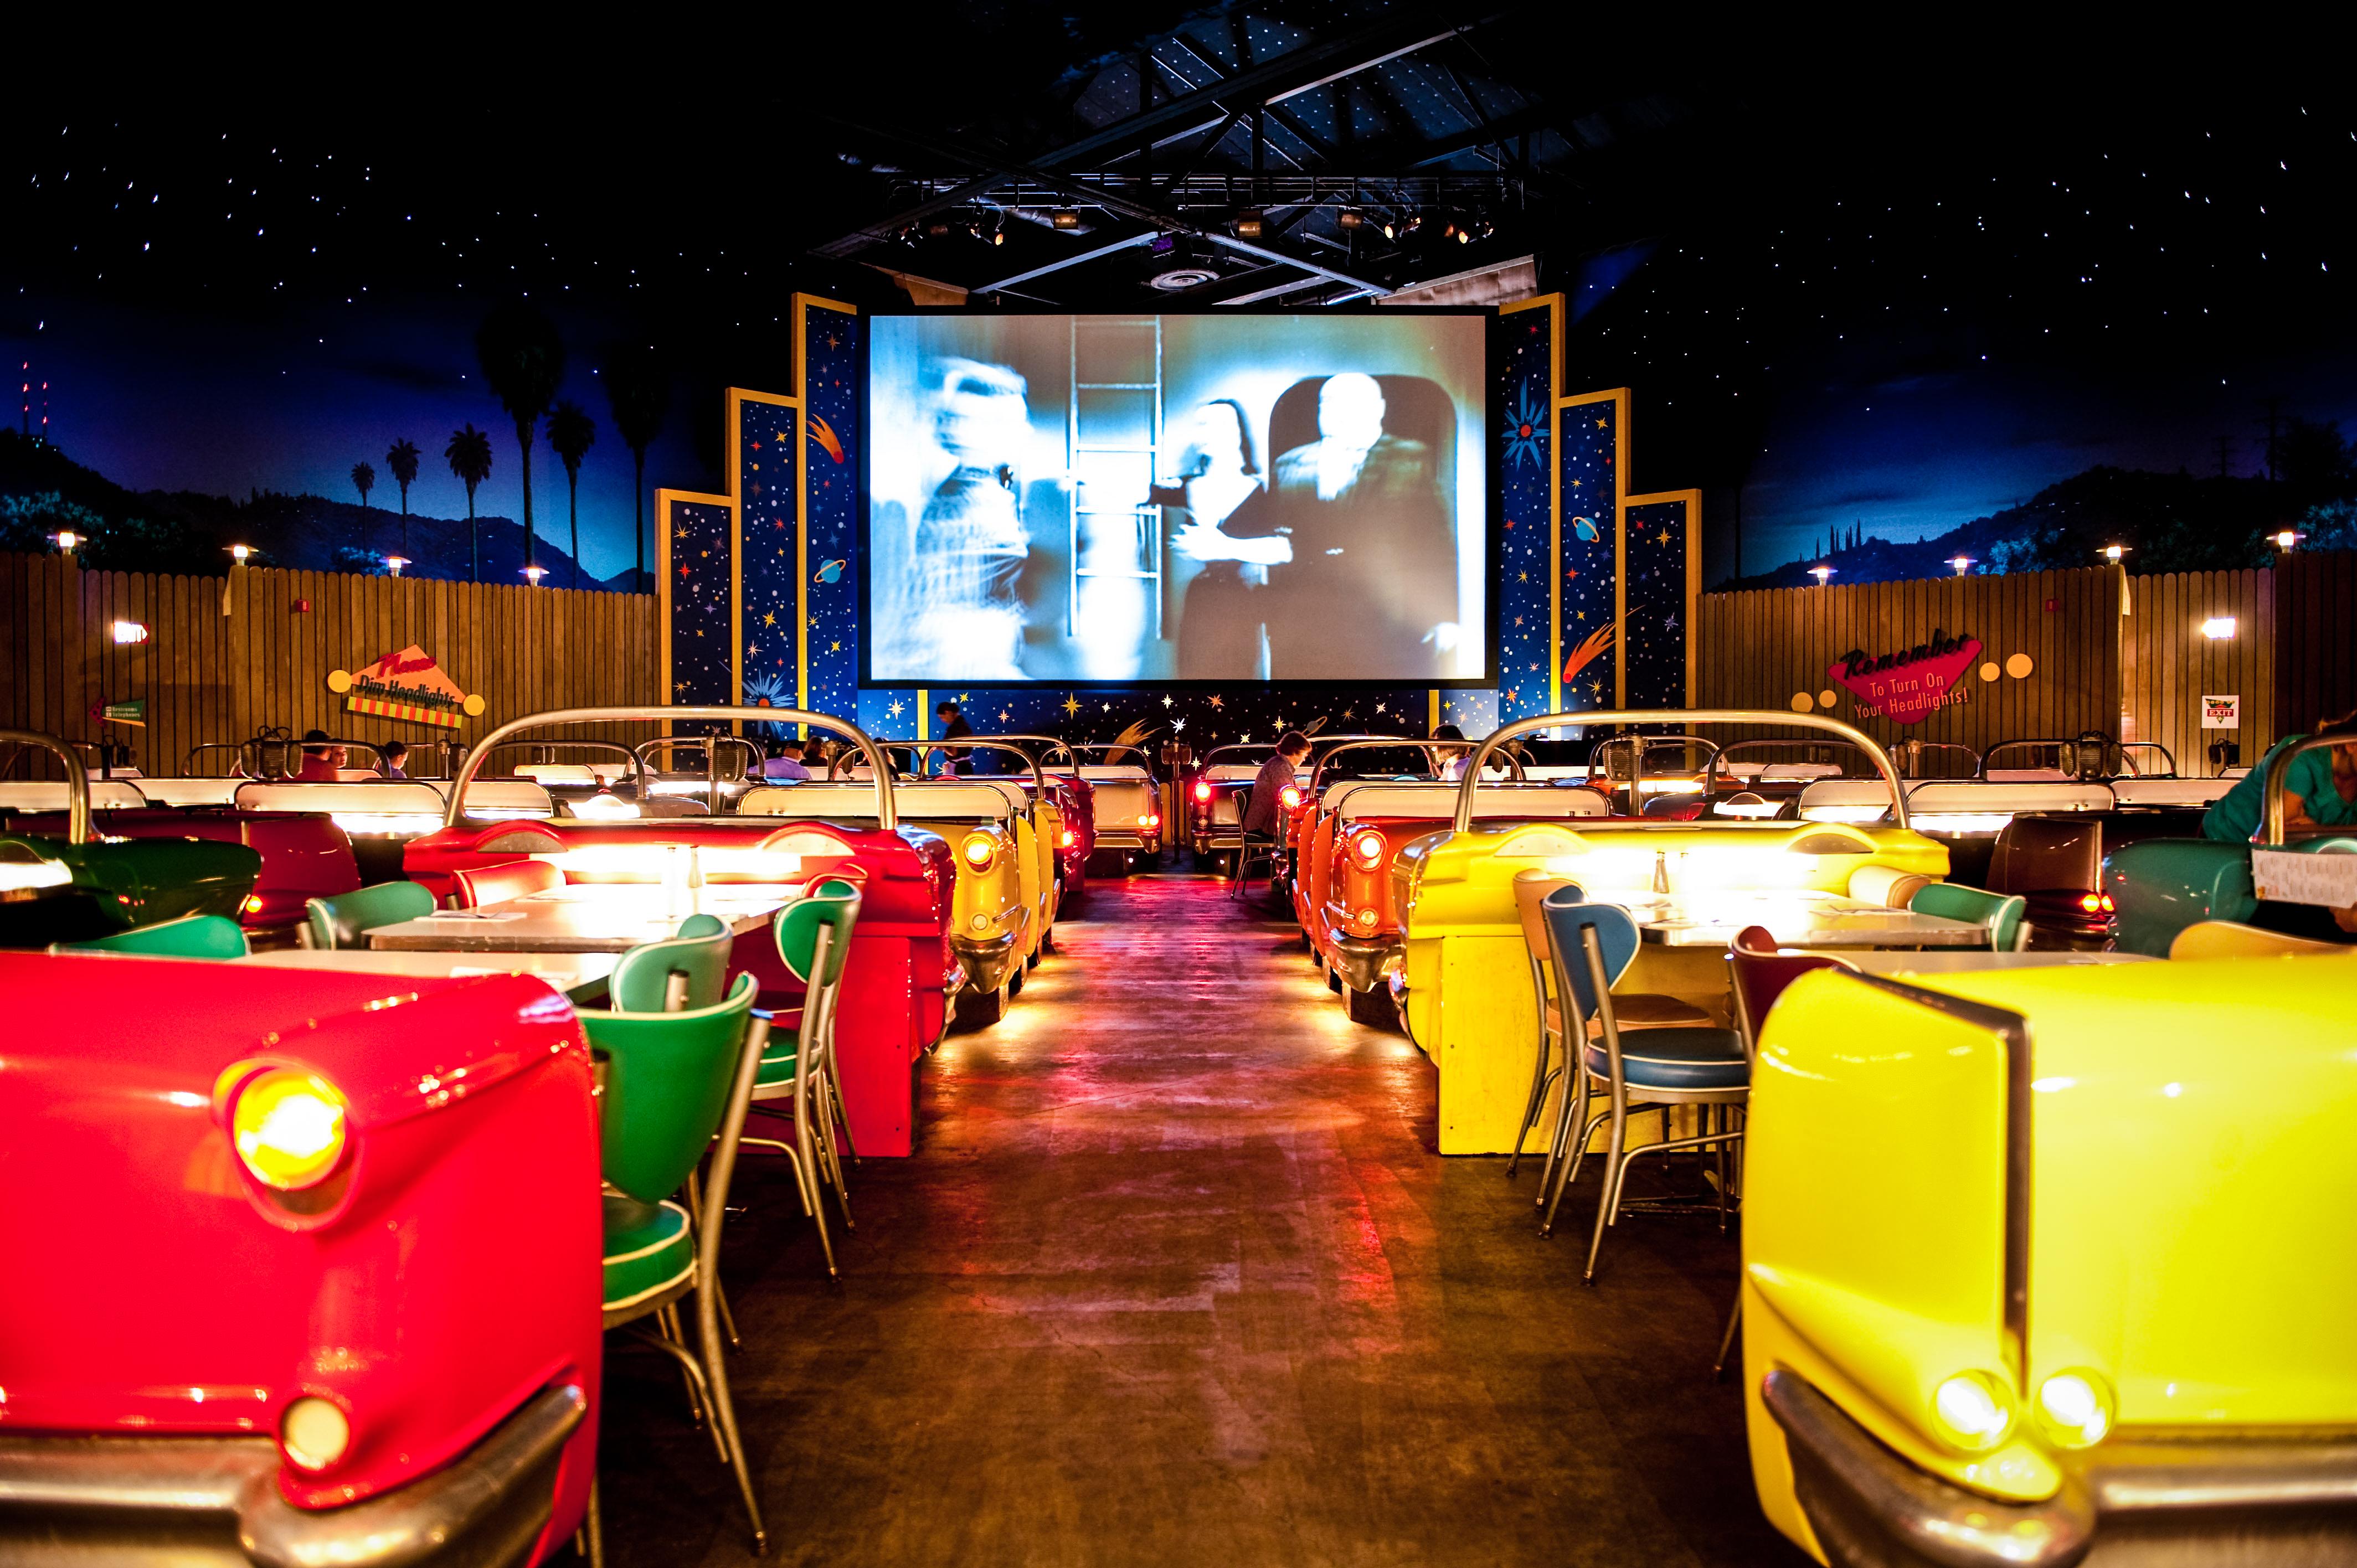 dining in the dark orlando 2015. sci-fi dine-in theater | josh hallett/flickr dining in the dark orlando 2015